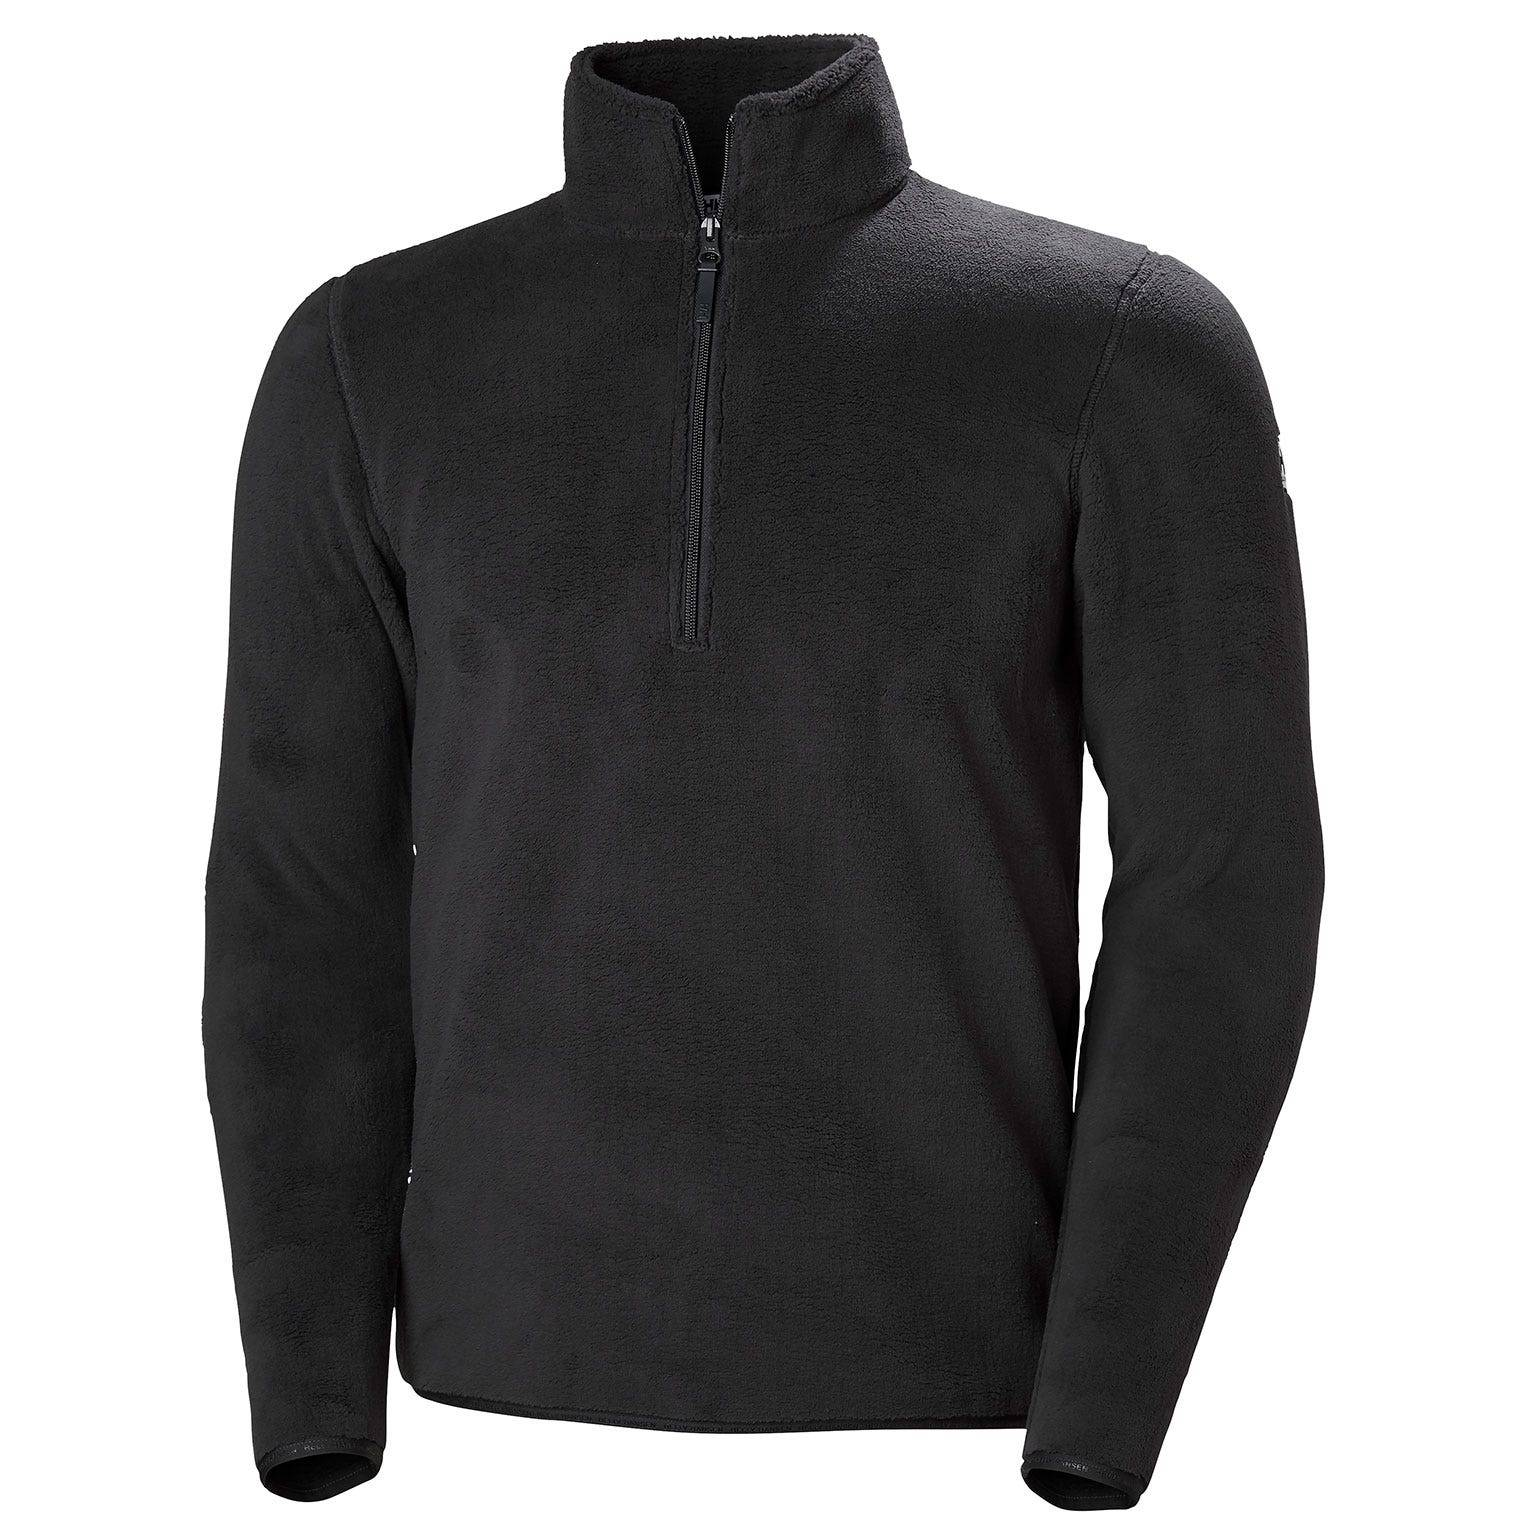 Helly Hansen Feather Pile 3/4 Zip Mens Fleece Black M